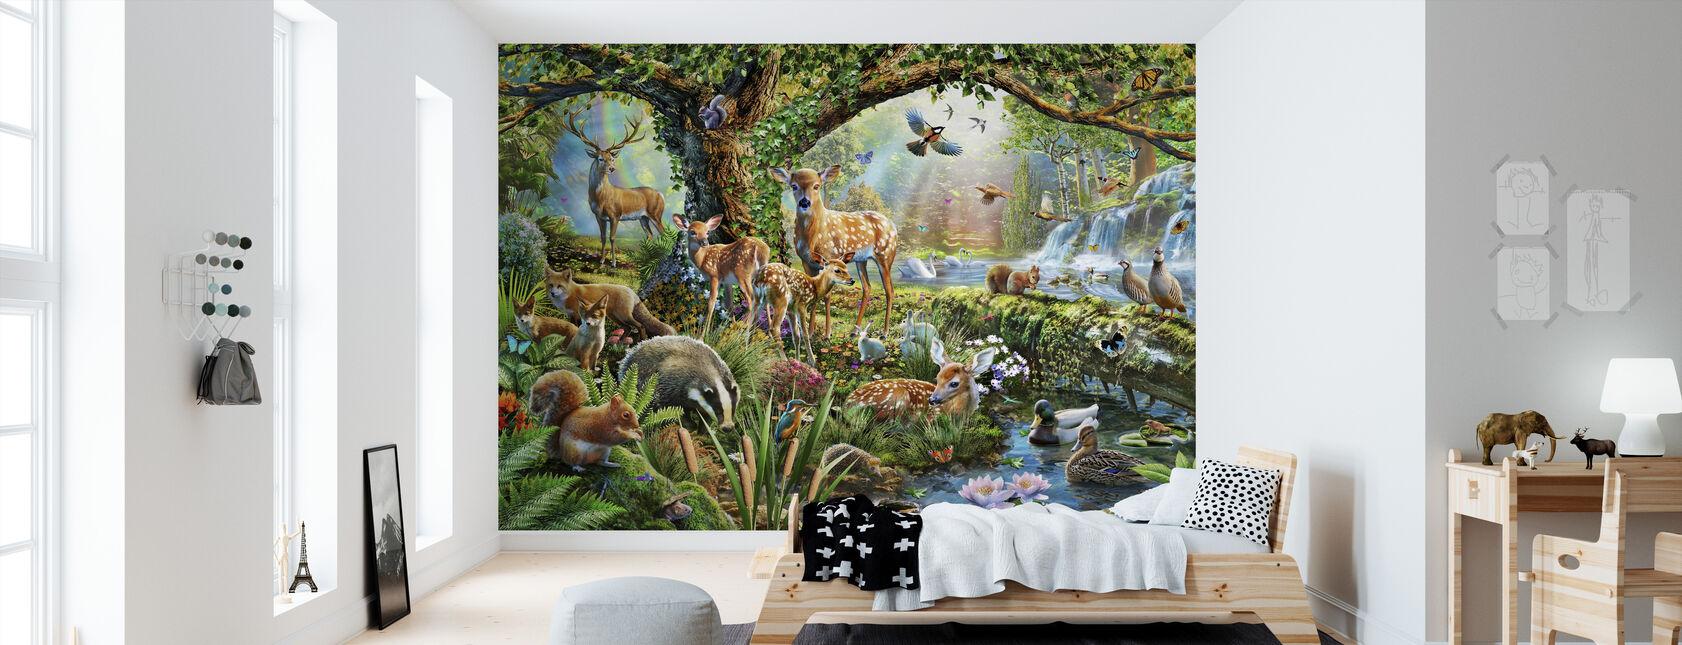 Skogsmark varelser - Tapet - Barnrum